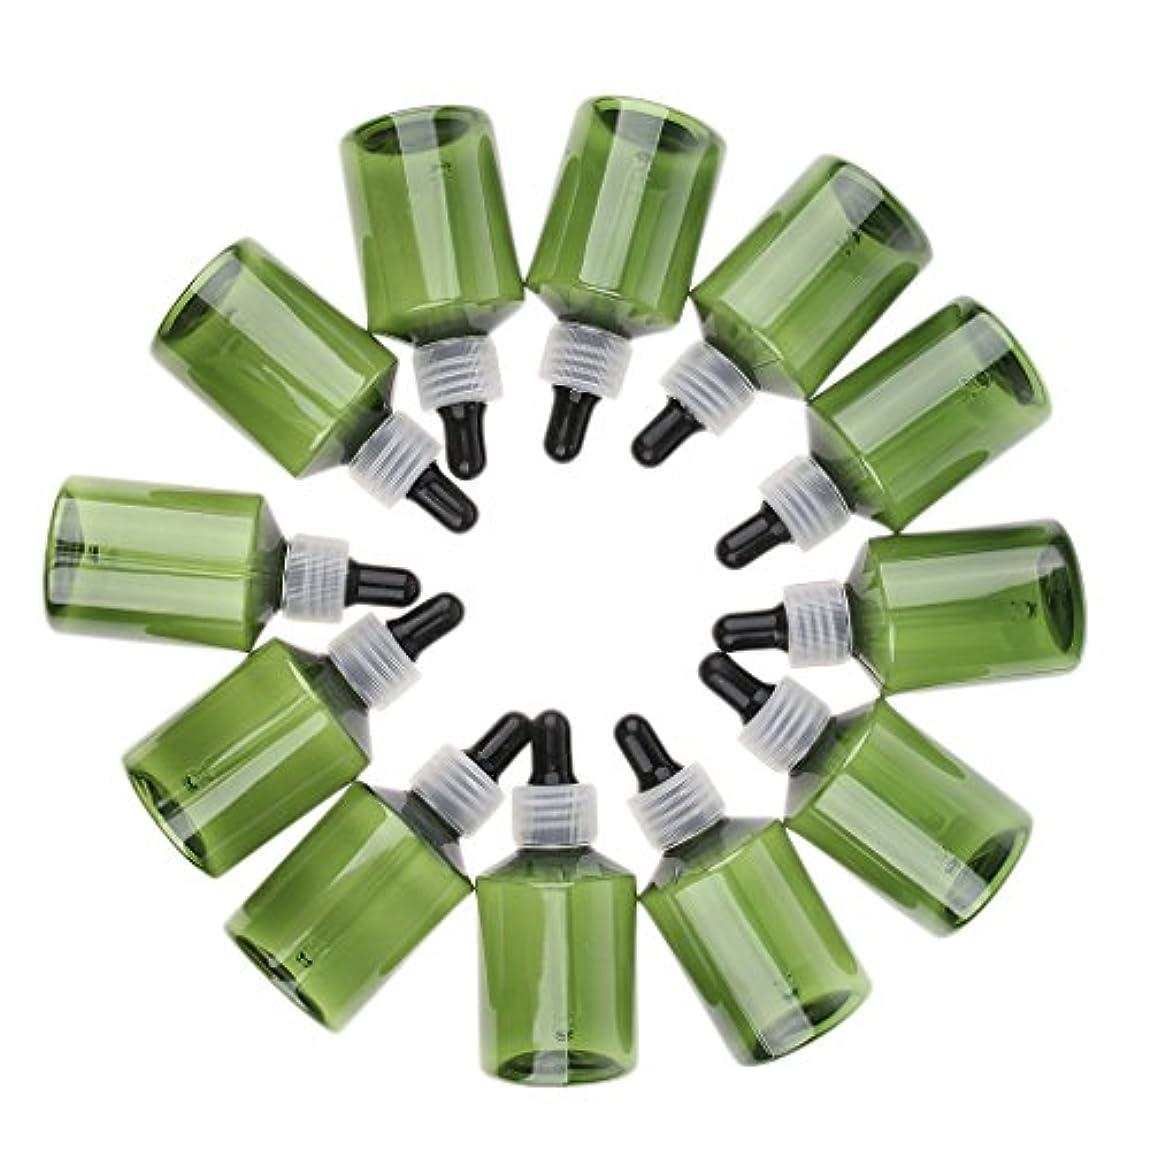 意義デモンストレーション倫理ドロッパーボトル エッセンシャルオイル 精油ボトル 小分け容器 詰め替え 50ml 6仕様選べ - クリアキャップブラックドロッパー